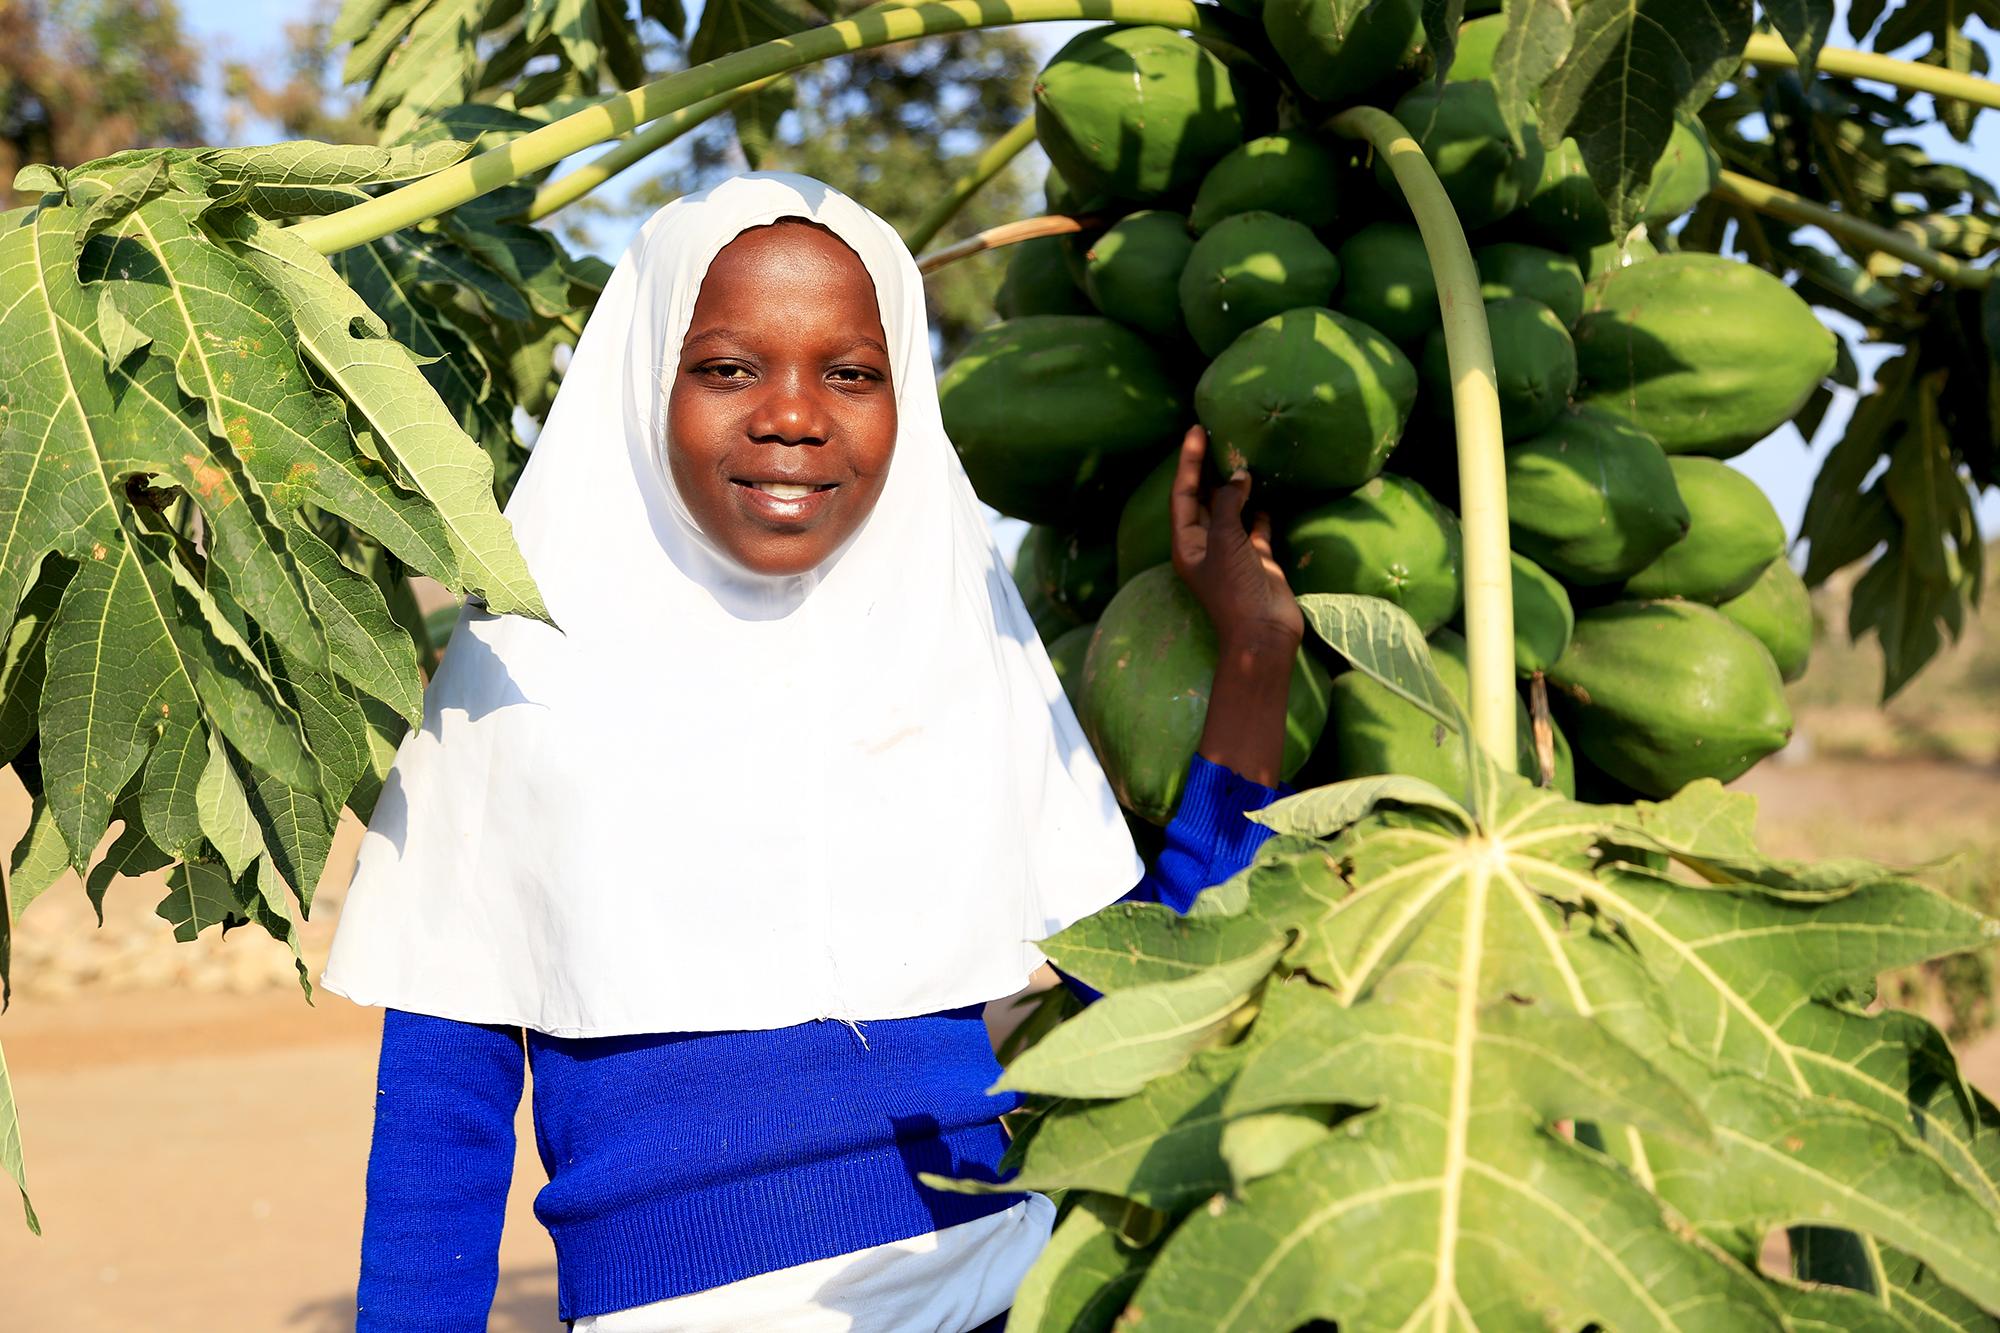 Fatuma Yasin som med stöd av Vi-skogens arbete kämpar mot torka och översvämningar - genom att plantera träd. På bilden står Fatuma framför ett papayaträd.